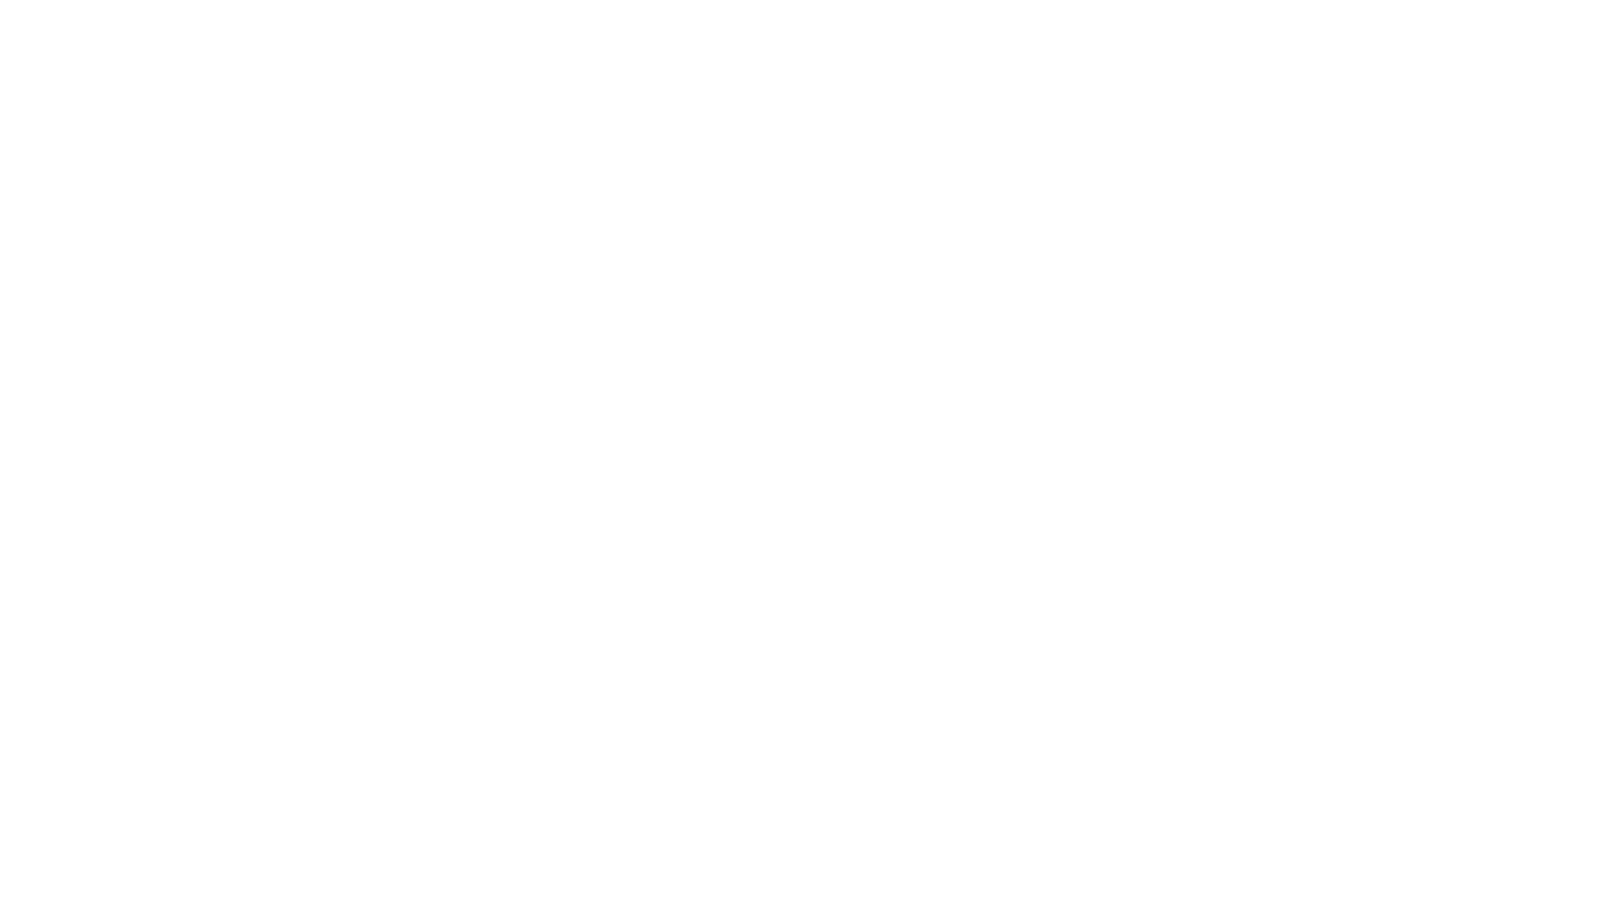 """Workout Of The Day at Home 17.03.2020 @larenecrossfit_fontenay    Lien de la vidéo dans la bio.  Score =   Pour rejoindre le groupe de Fontenay et notre #coronachallengefontenay et échanger sur les WODs : Vous pouvez télécharger l'app sugarwod (sugarwod.com) et rejoindre le gym """"l'Arene CrossFit Fontenay"""" avec le pass """"LareneBeast"""" .  #CrossFit #larenecrossfitfontenay #coronachallengefontenay #FitnessForAll #coach @ L'Arene CrossFit Fontenay"""